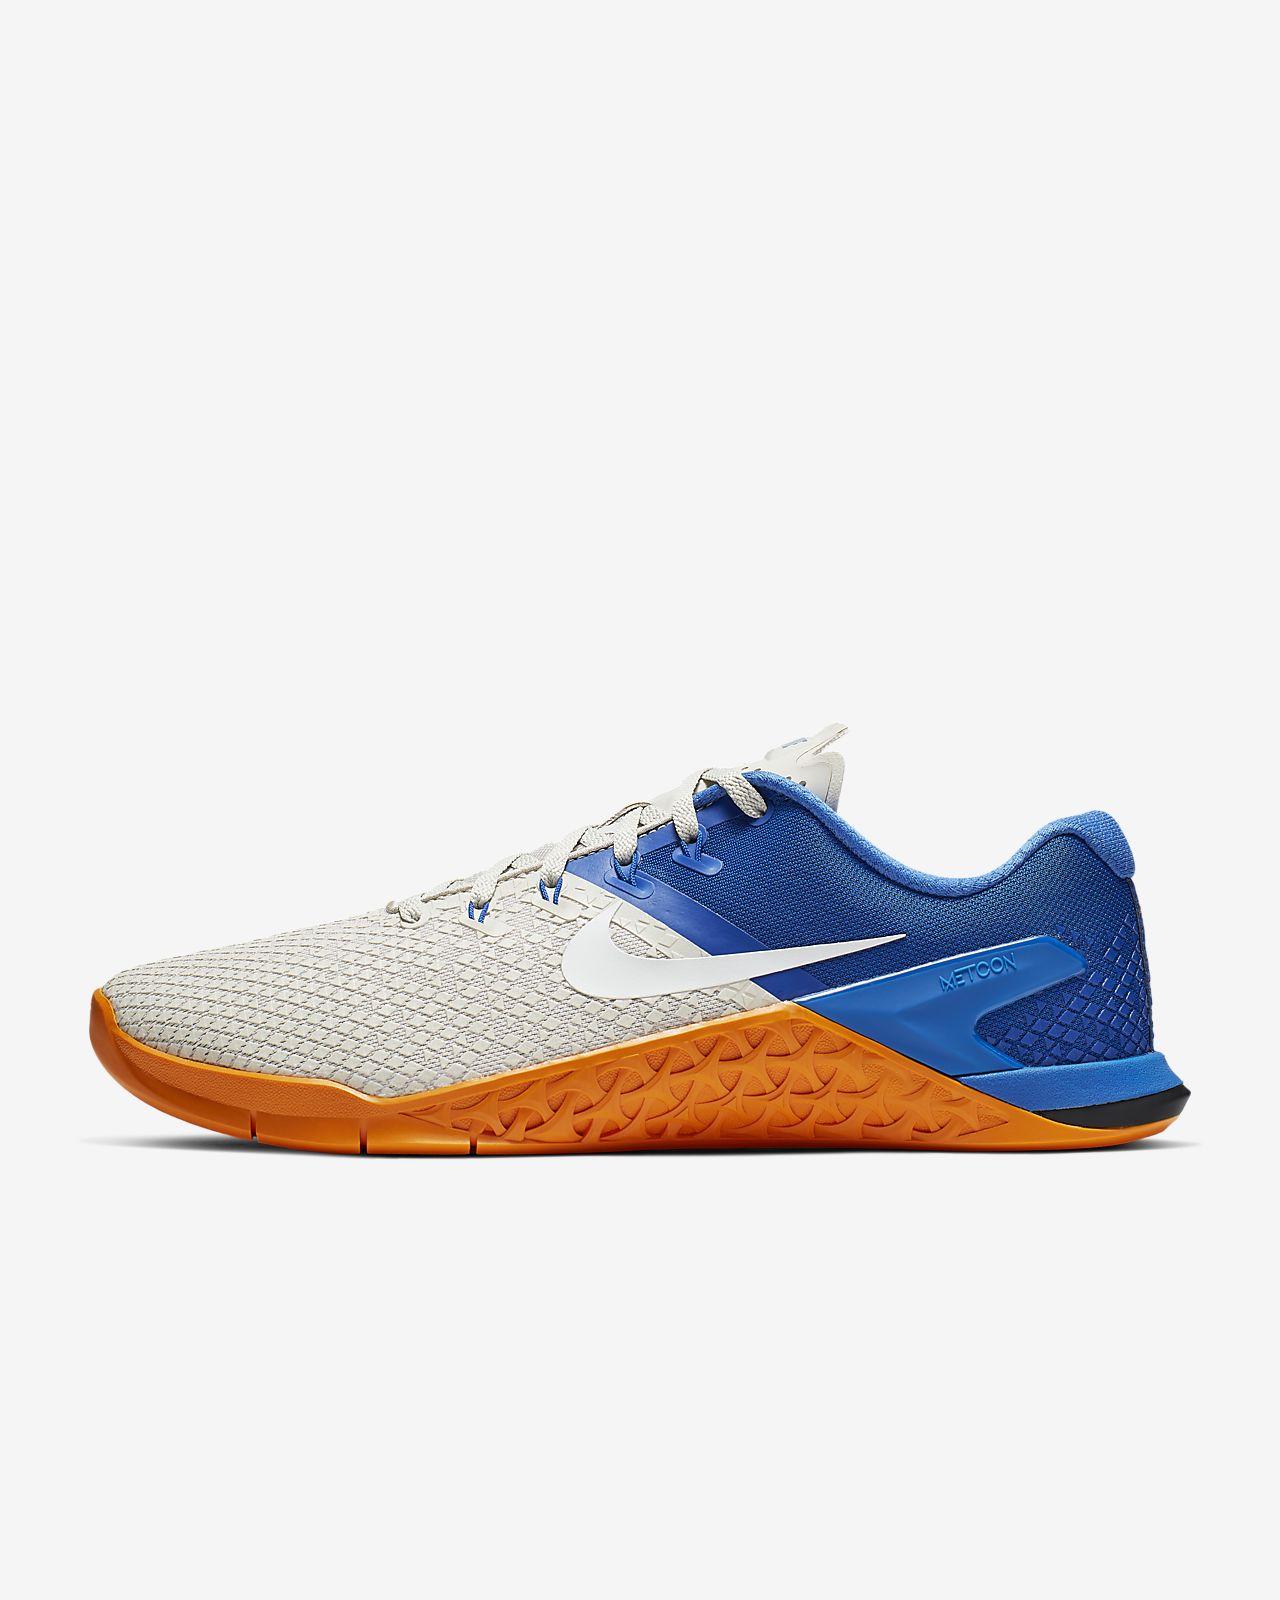 Nike Metcon 4 XD Zapatillas de entrenamiento - Hombre